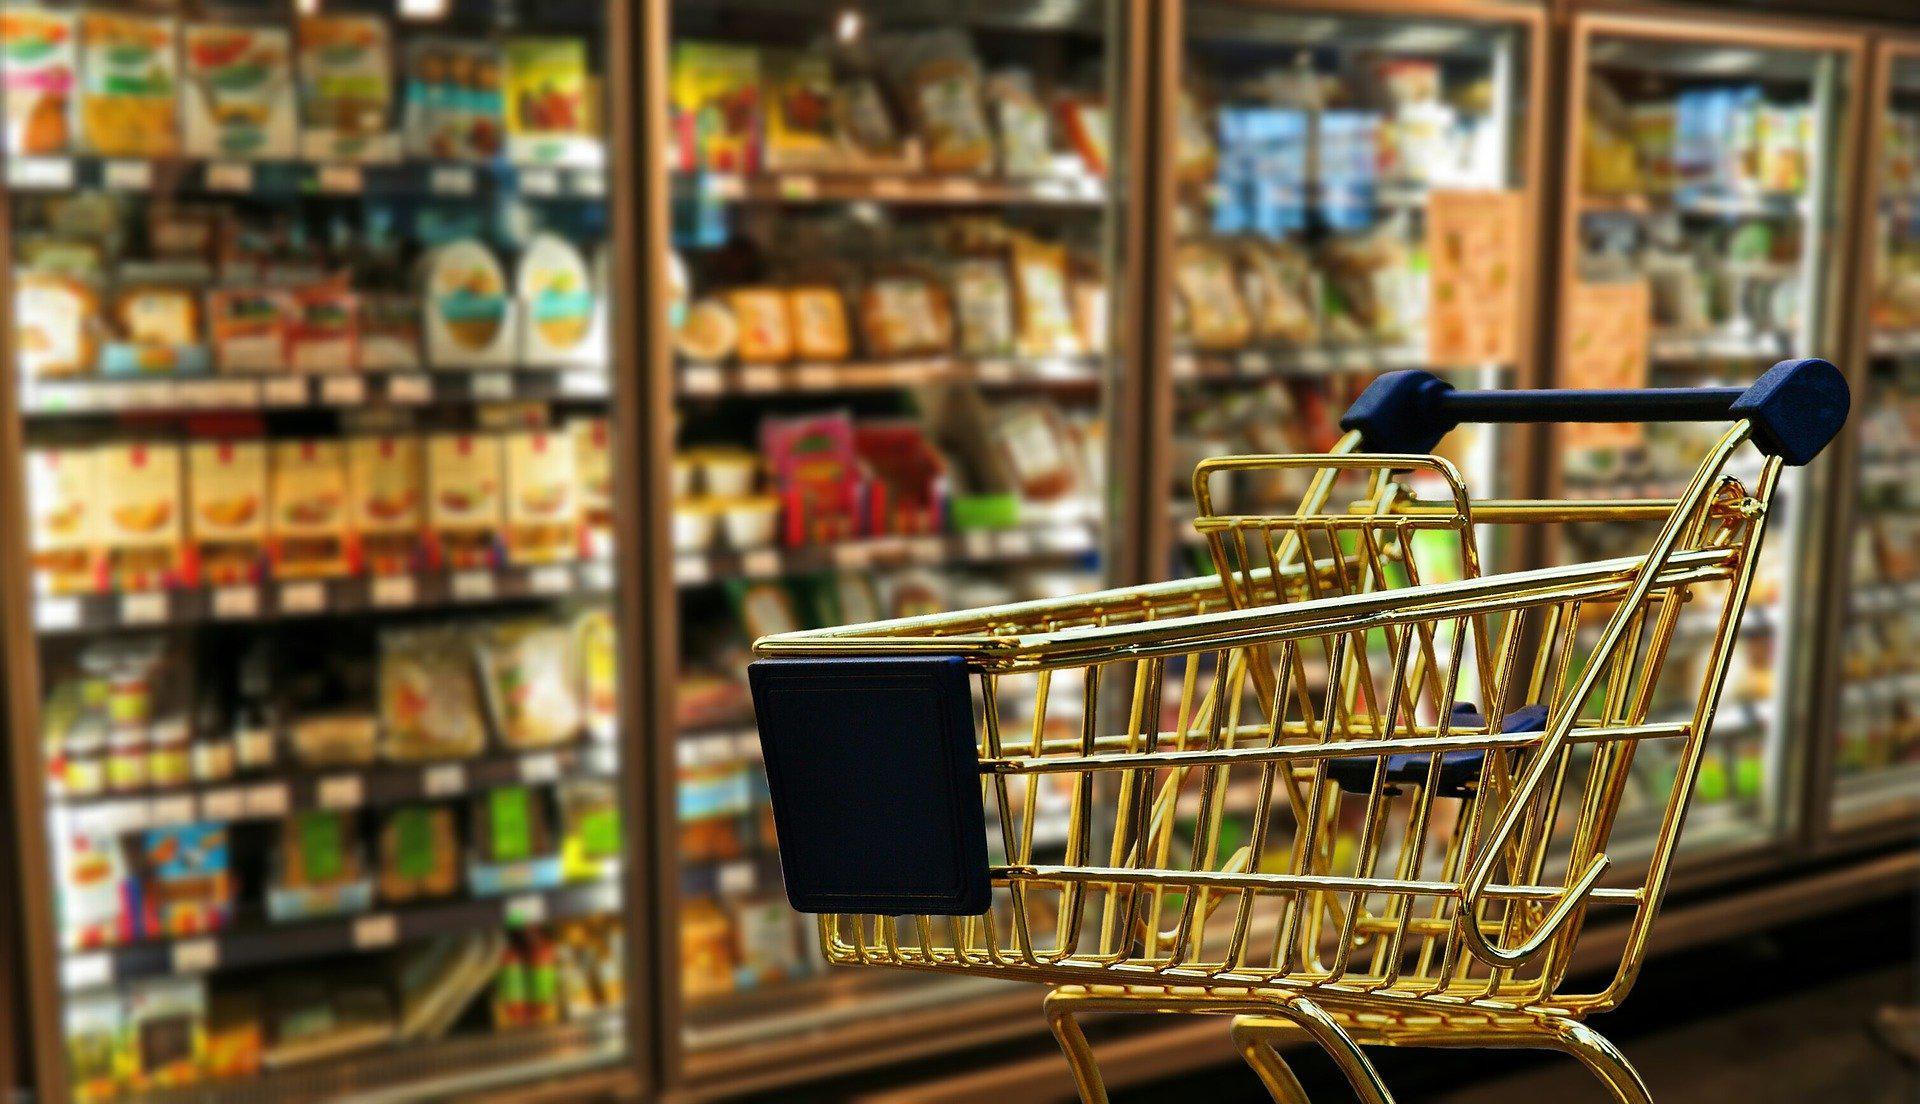 Sklepy otwarte w sylwestra i Nowy Rok. Gdzie zrobimy zakupy w Kielcach? [GODZINY OTWARCIA] - Super Express